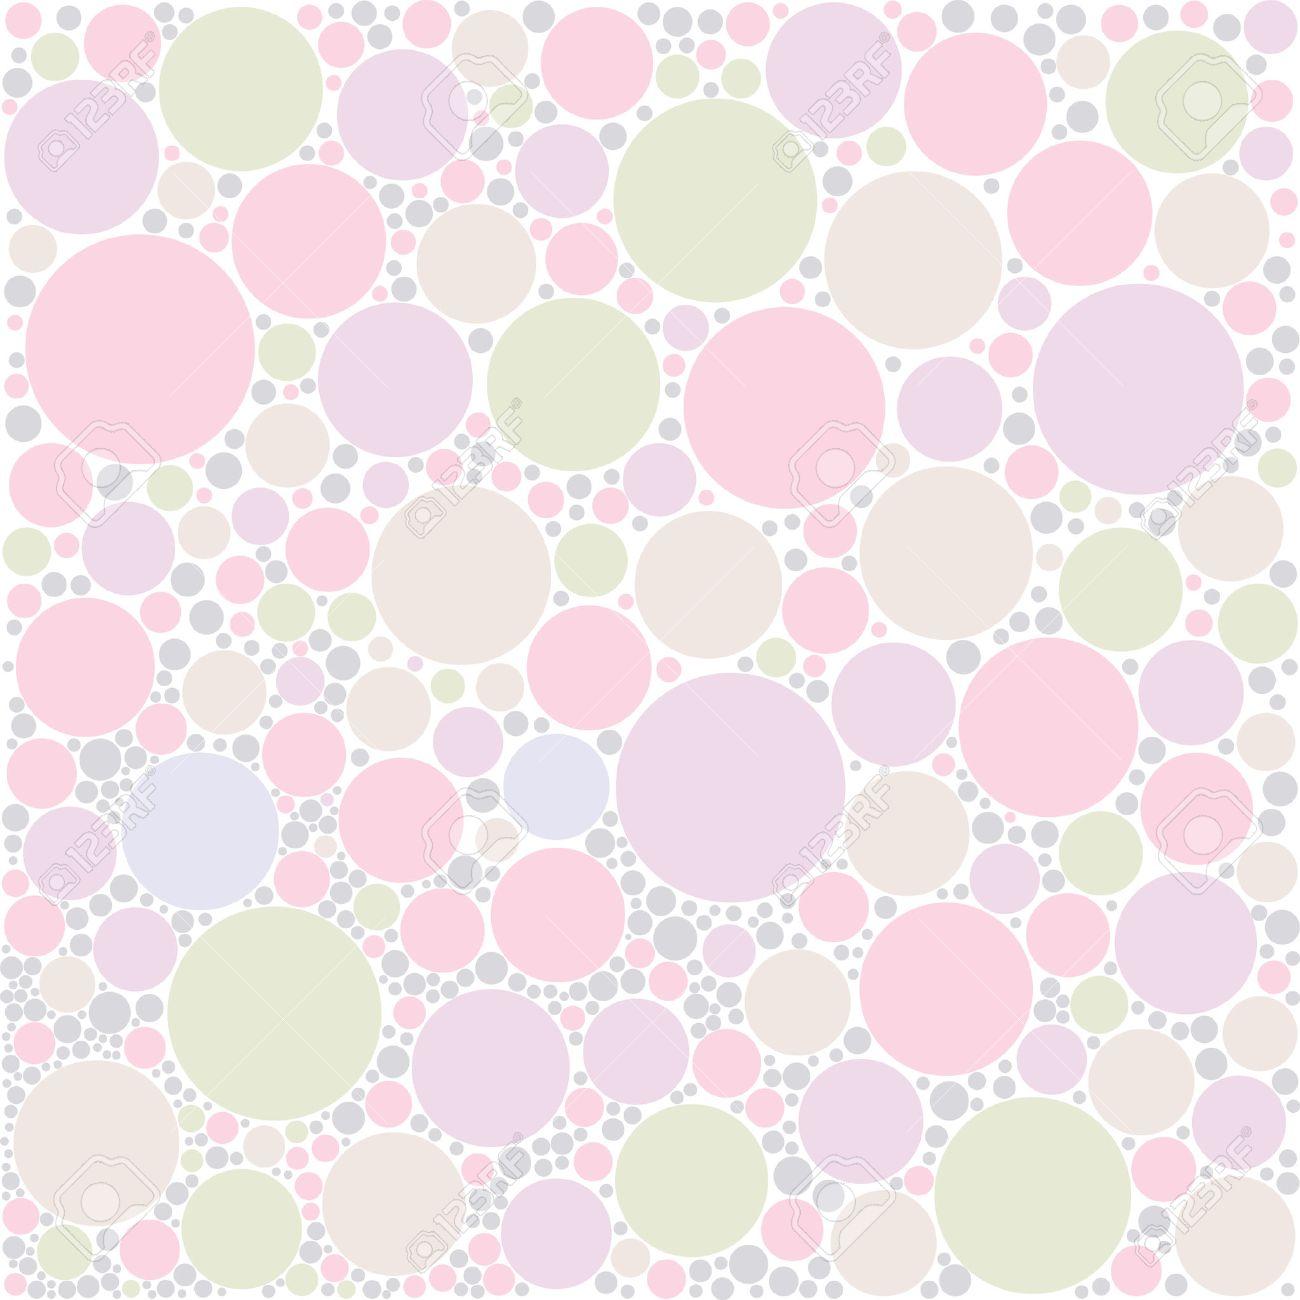 Circulo En Colores Pastel De Fondo Aleatorio Ilustraciones